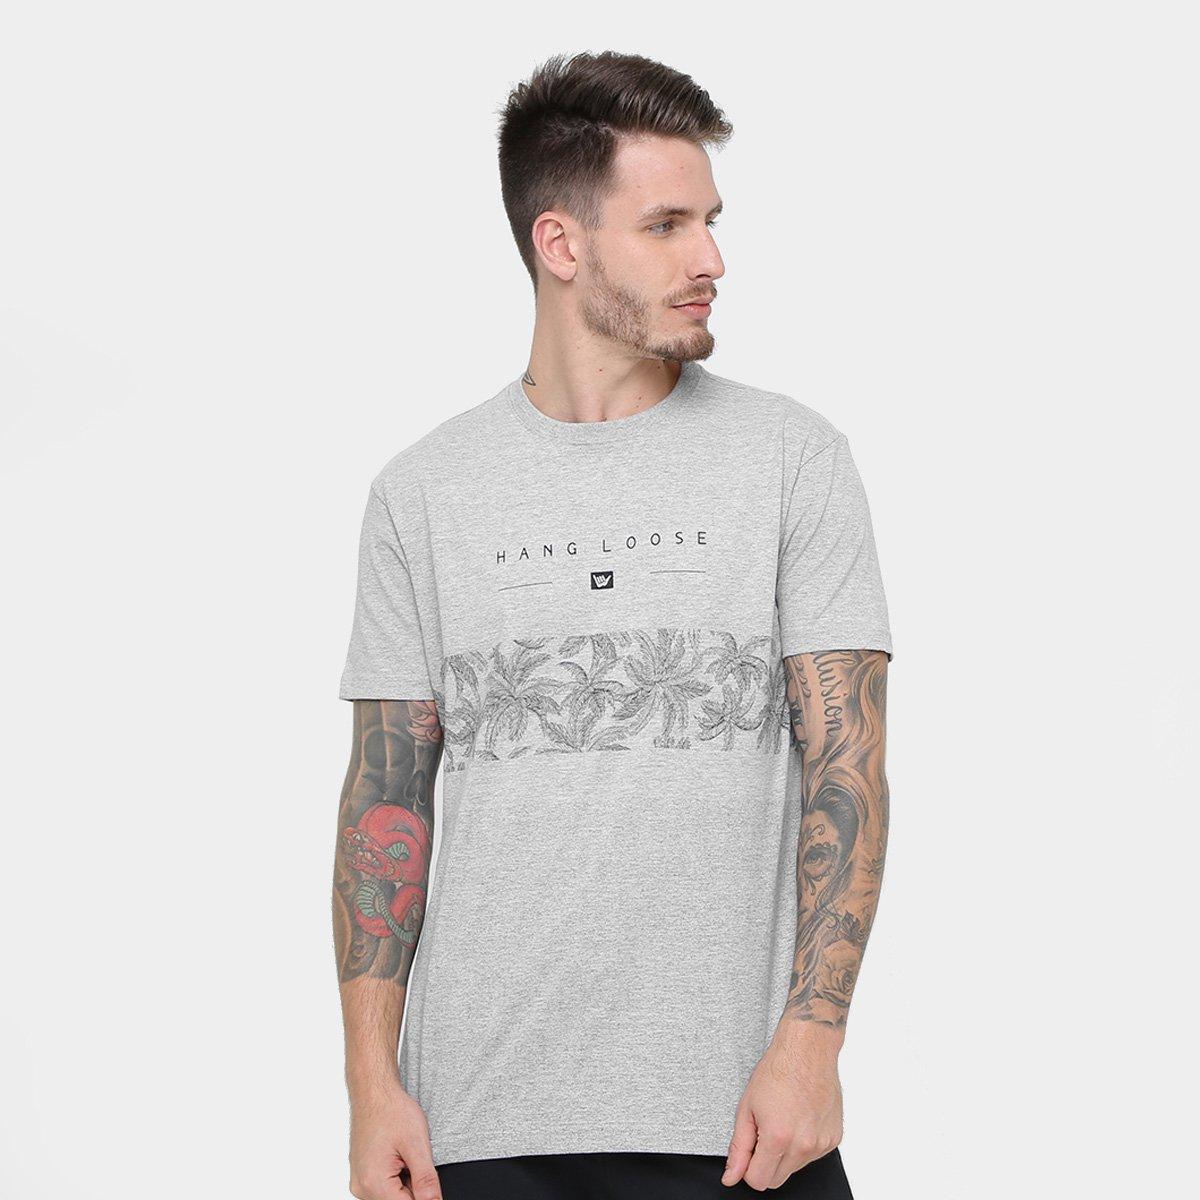 Camiseta Hang Loose Silk Palmcore Masculina - Compre Agora  cf7b264d08ac8